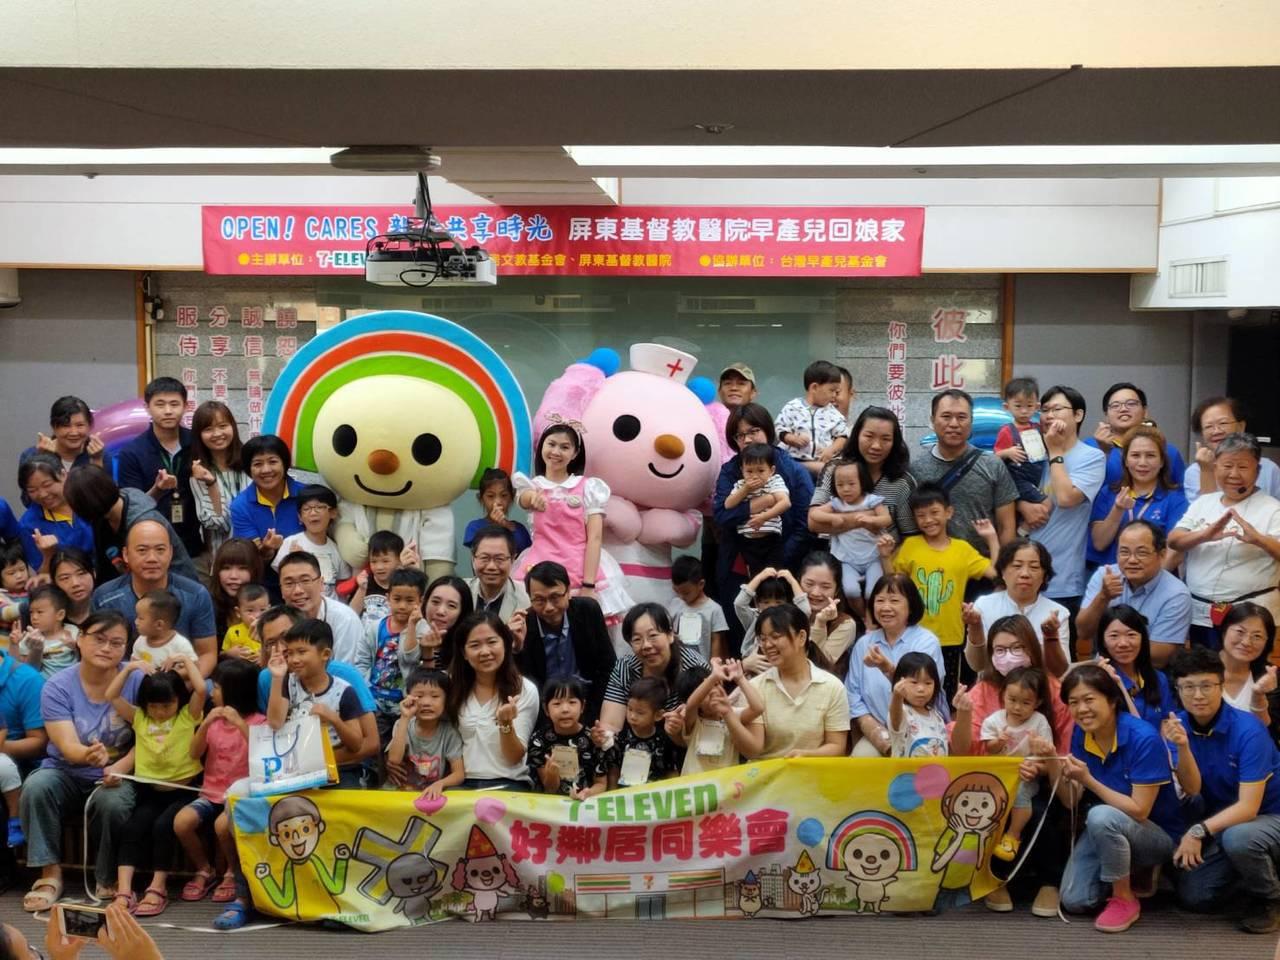 屏東基督教醫院今天與台灣早產兒基金會等多個公益團體合辦早產兒回娘家和兒童病房關懷...